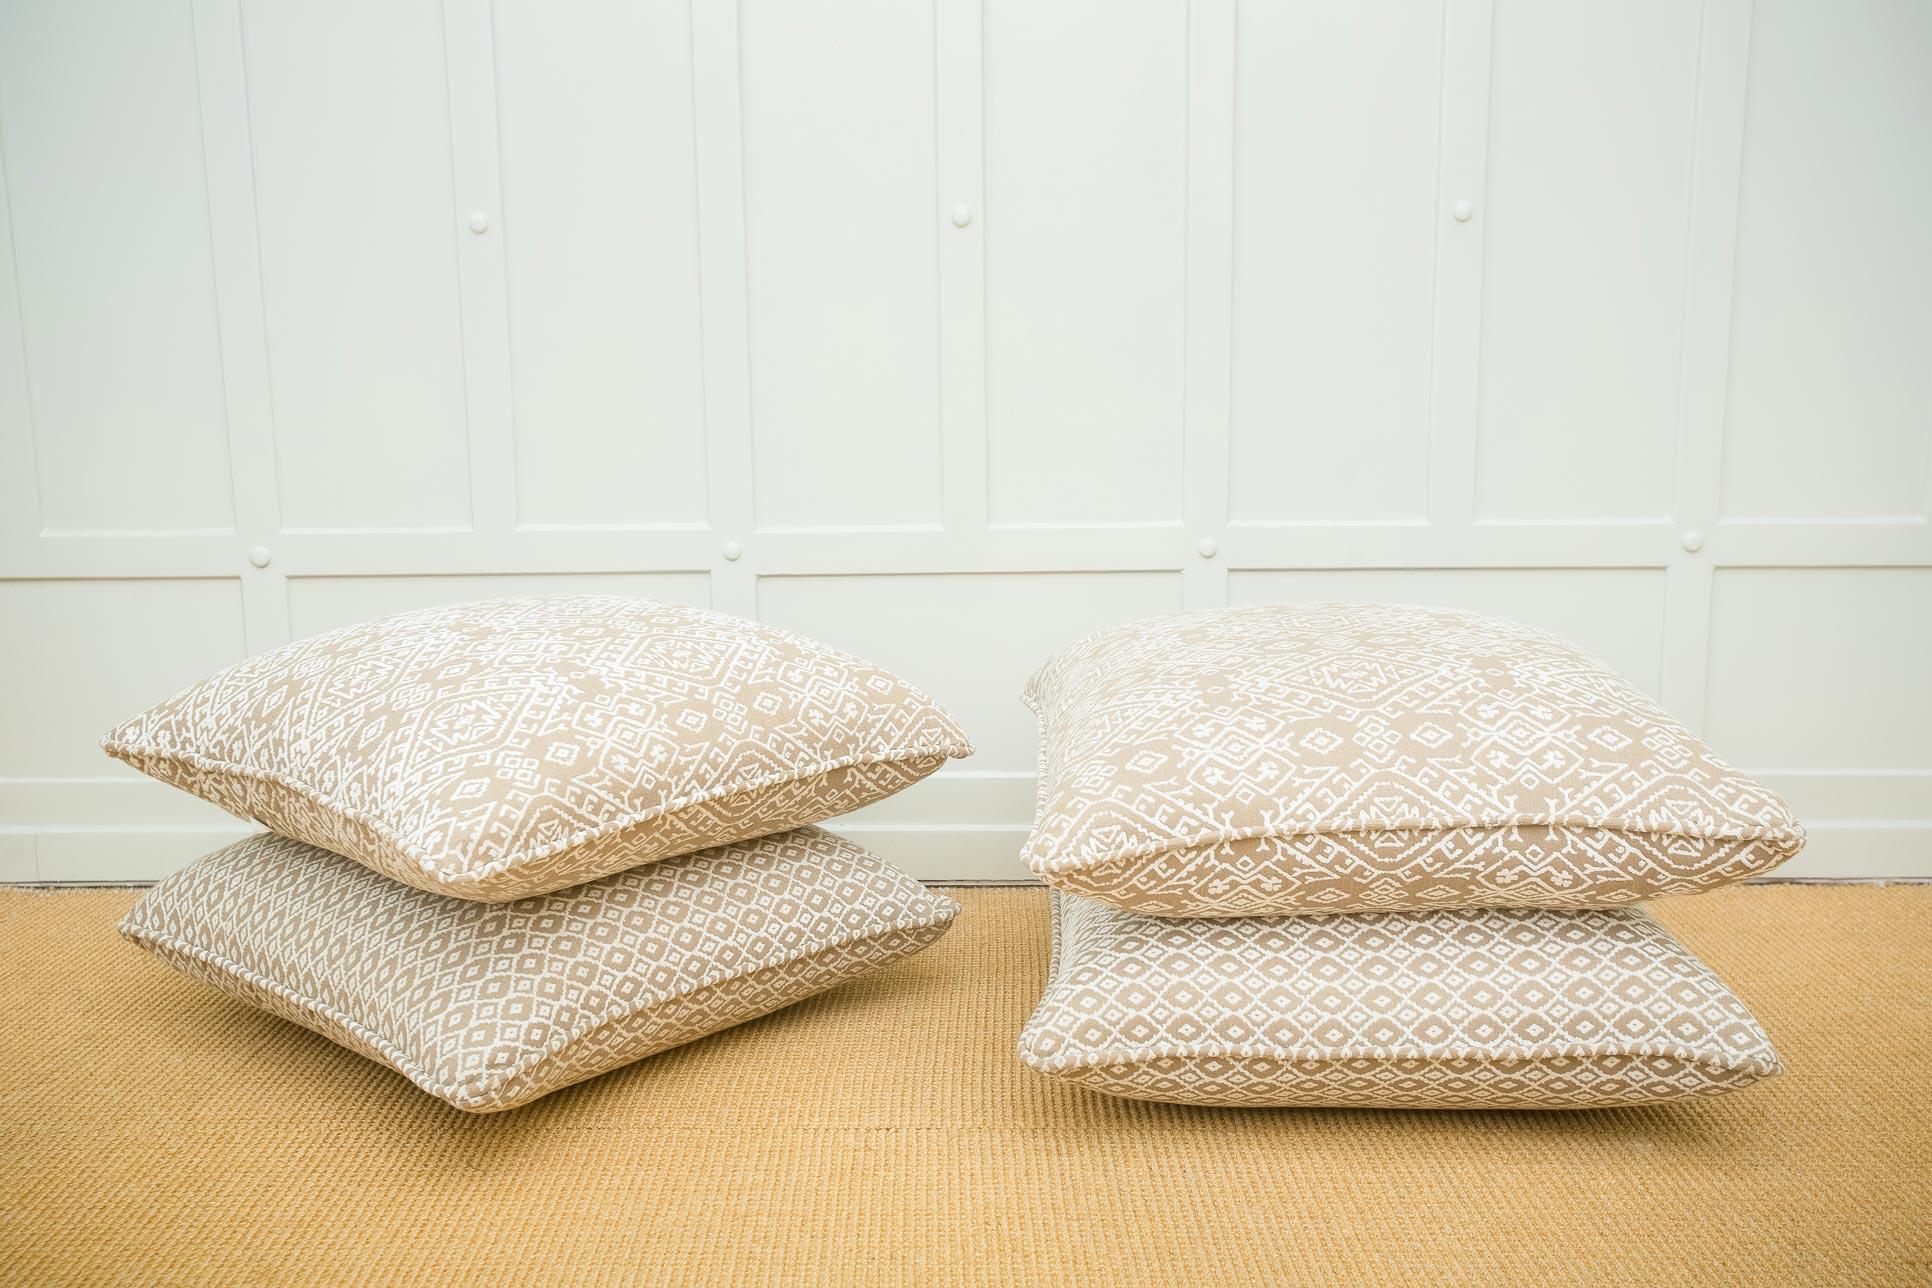 Pillows, Veronica Mishaan